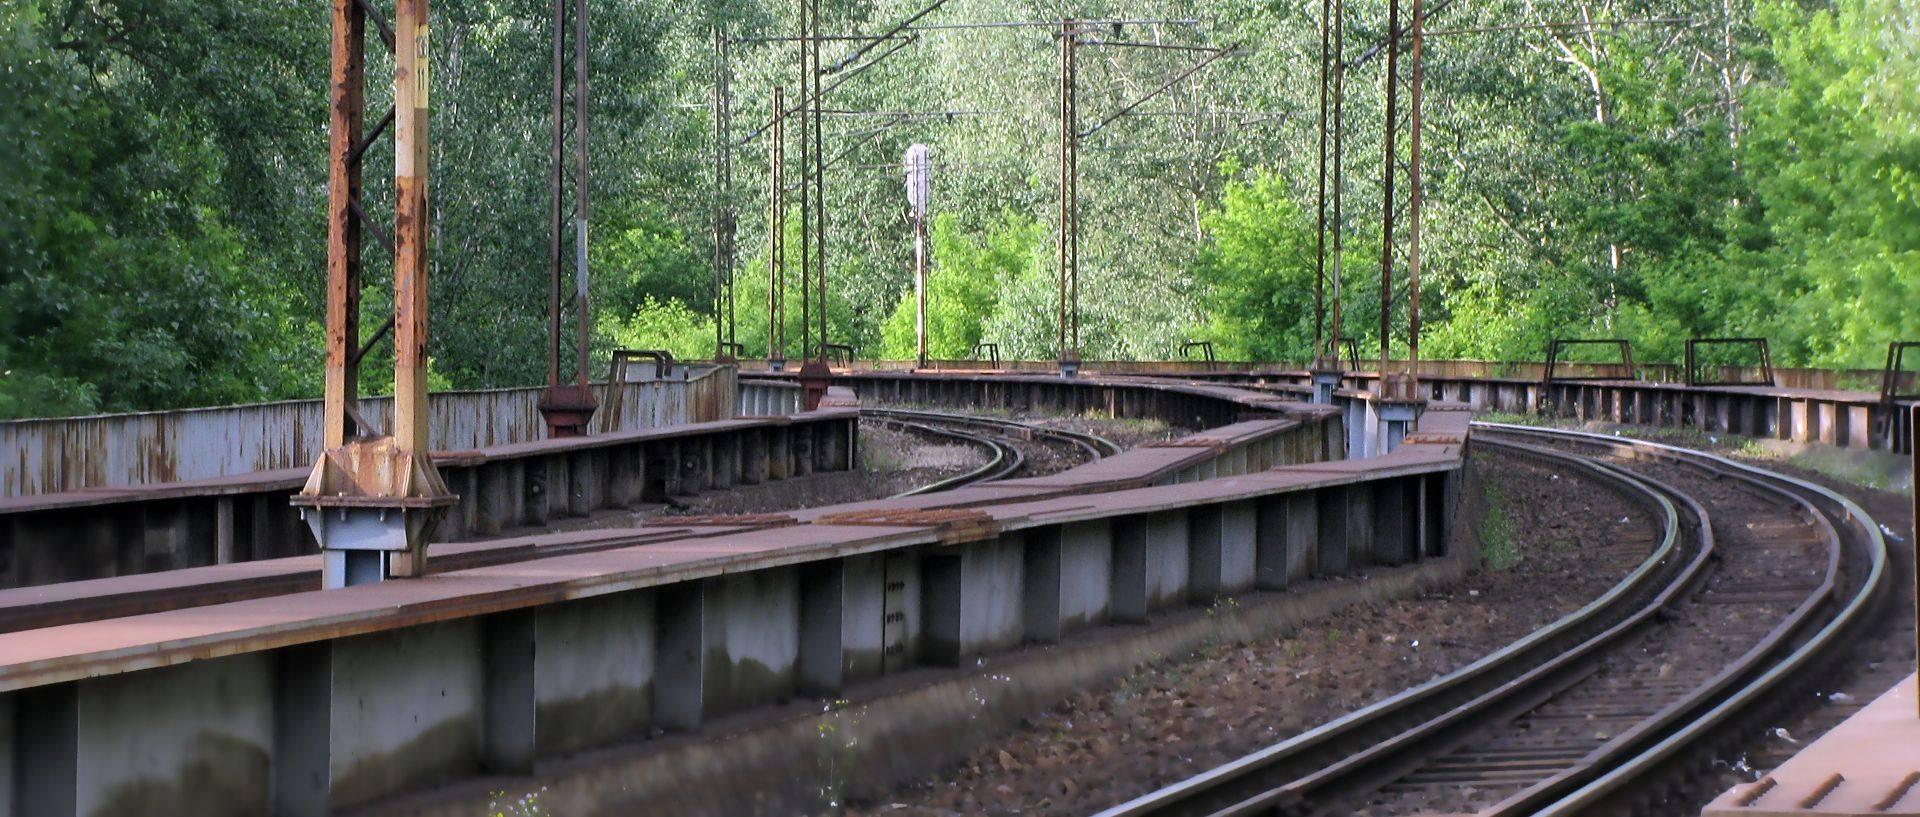 Tory na wiadukcie - Toruń